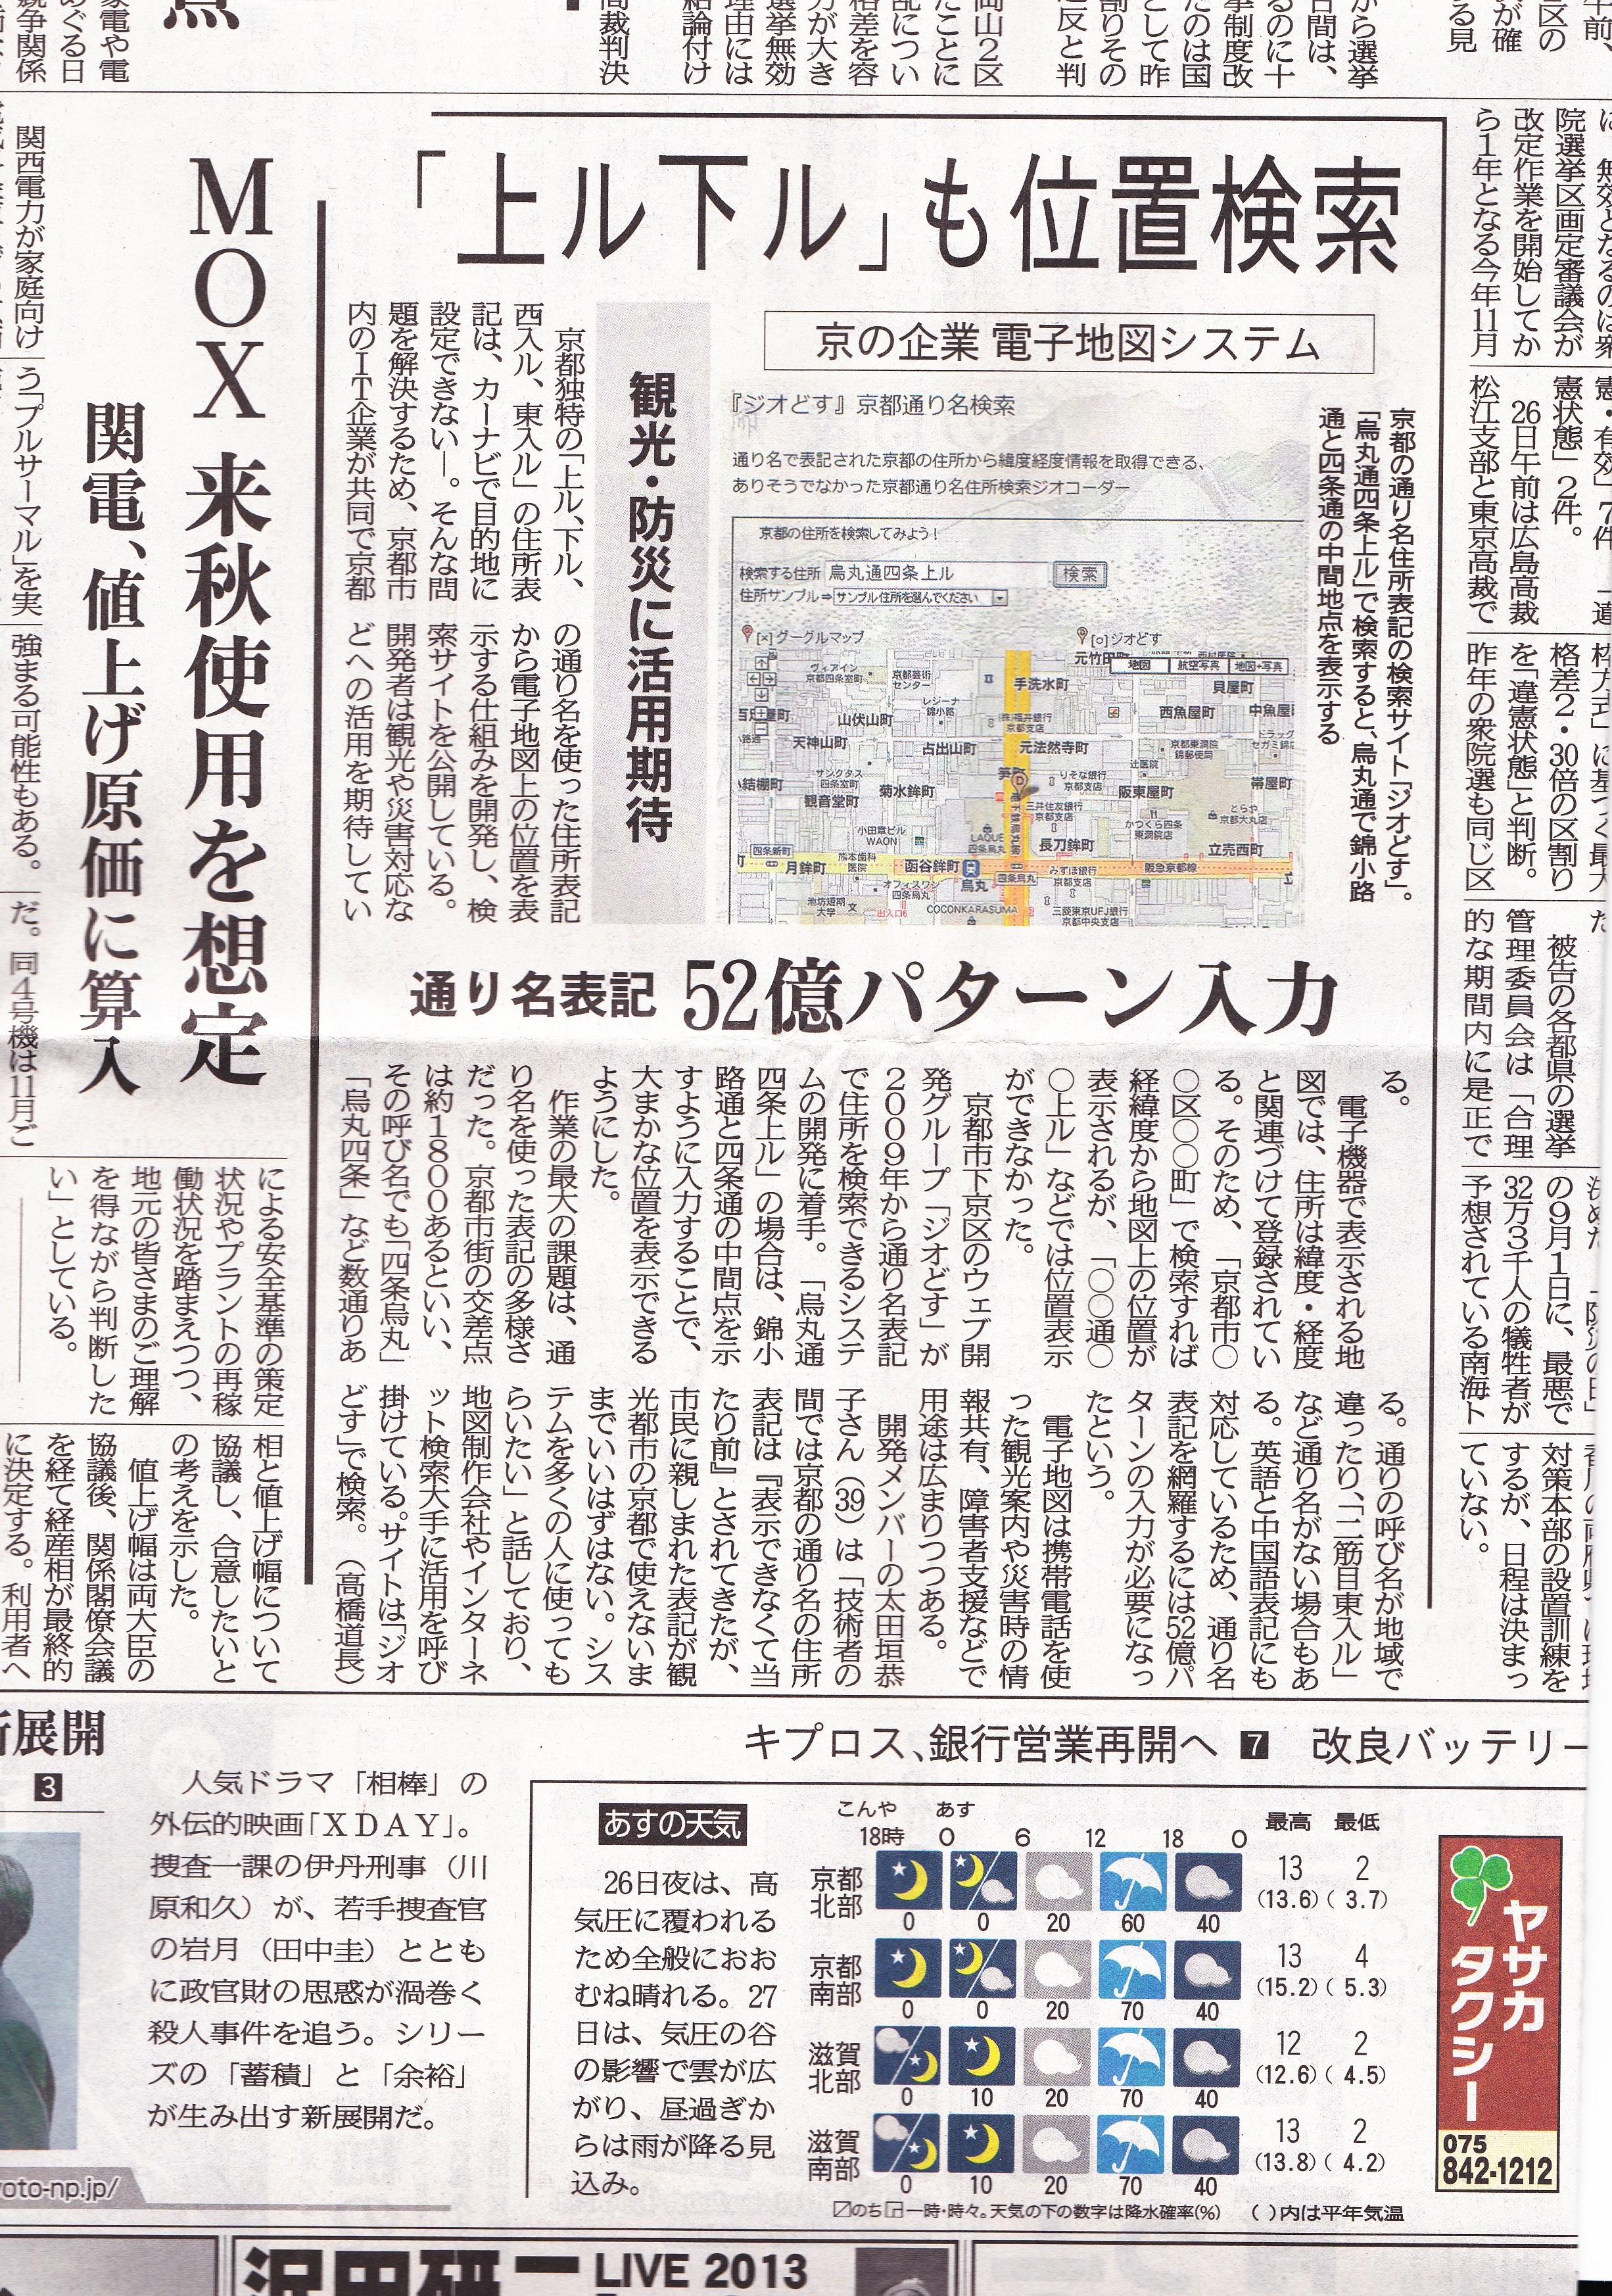 京都新聞スキャン1 (1) のコピー